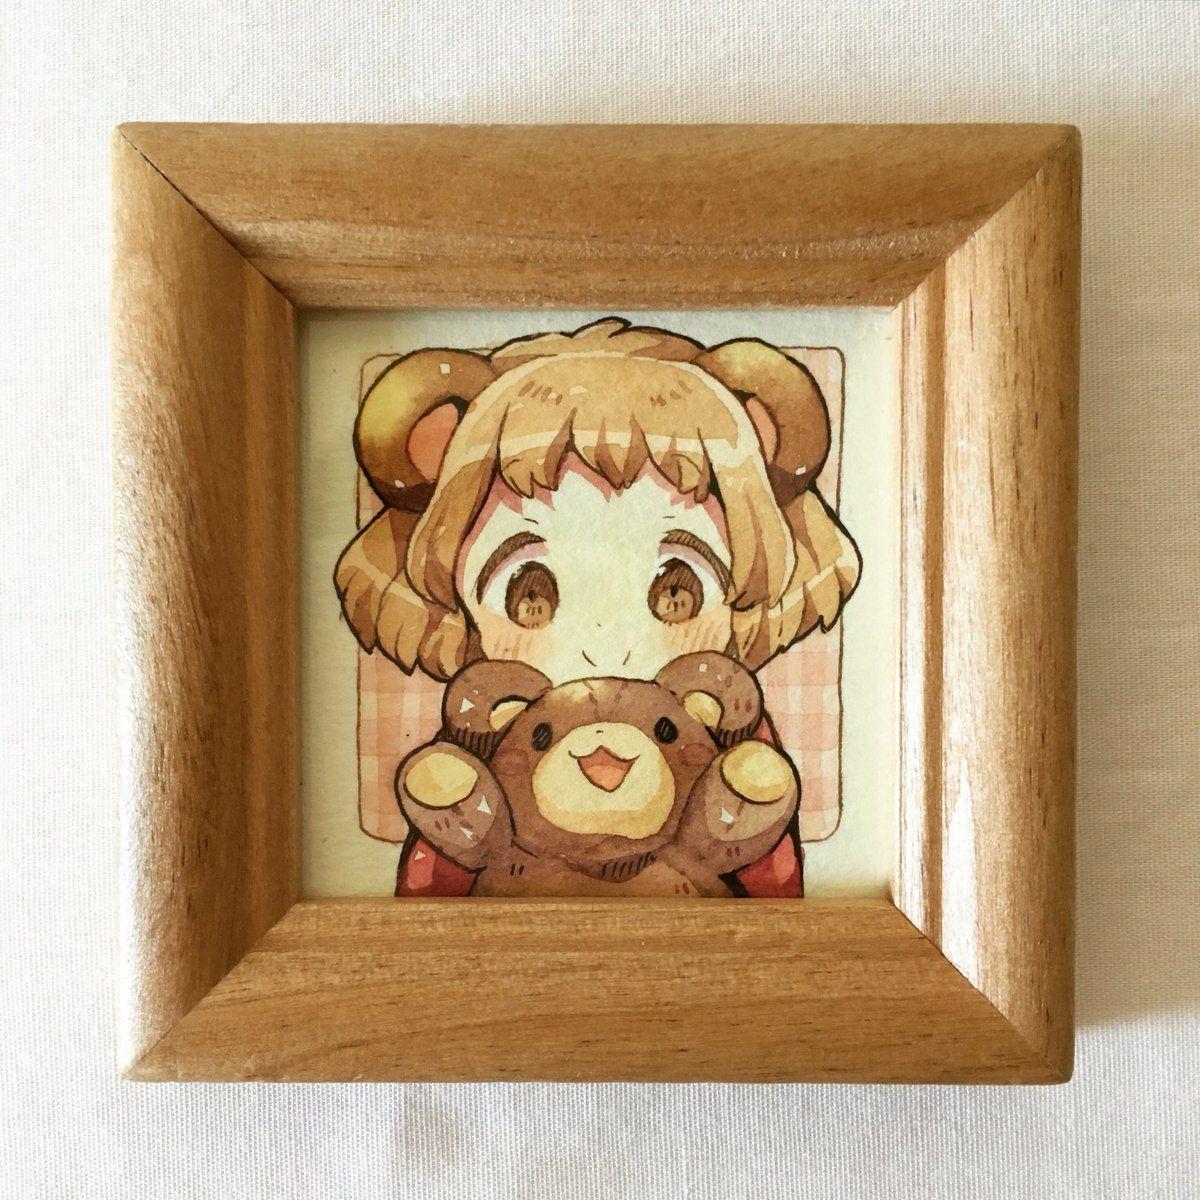 Teddy Bear Aesthetic Anime